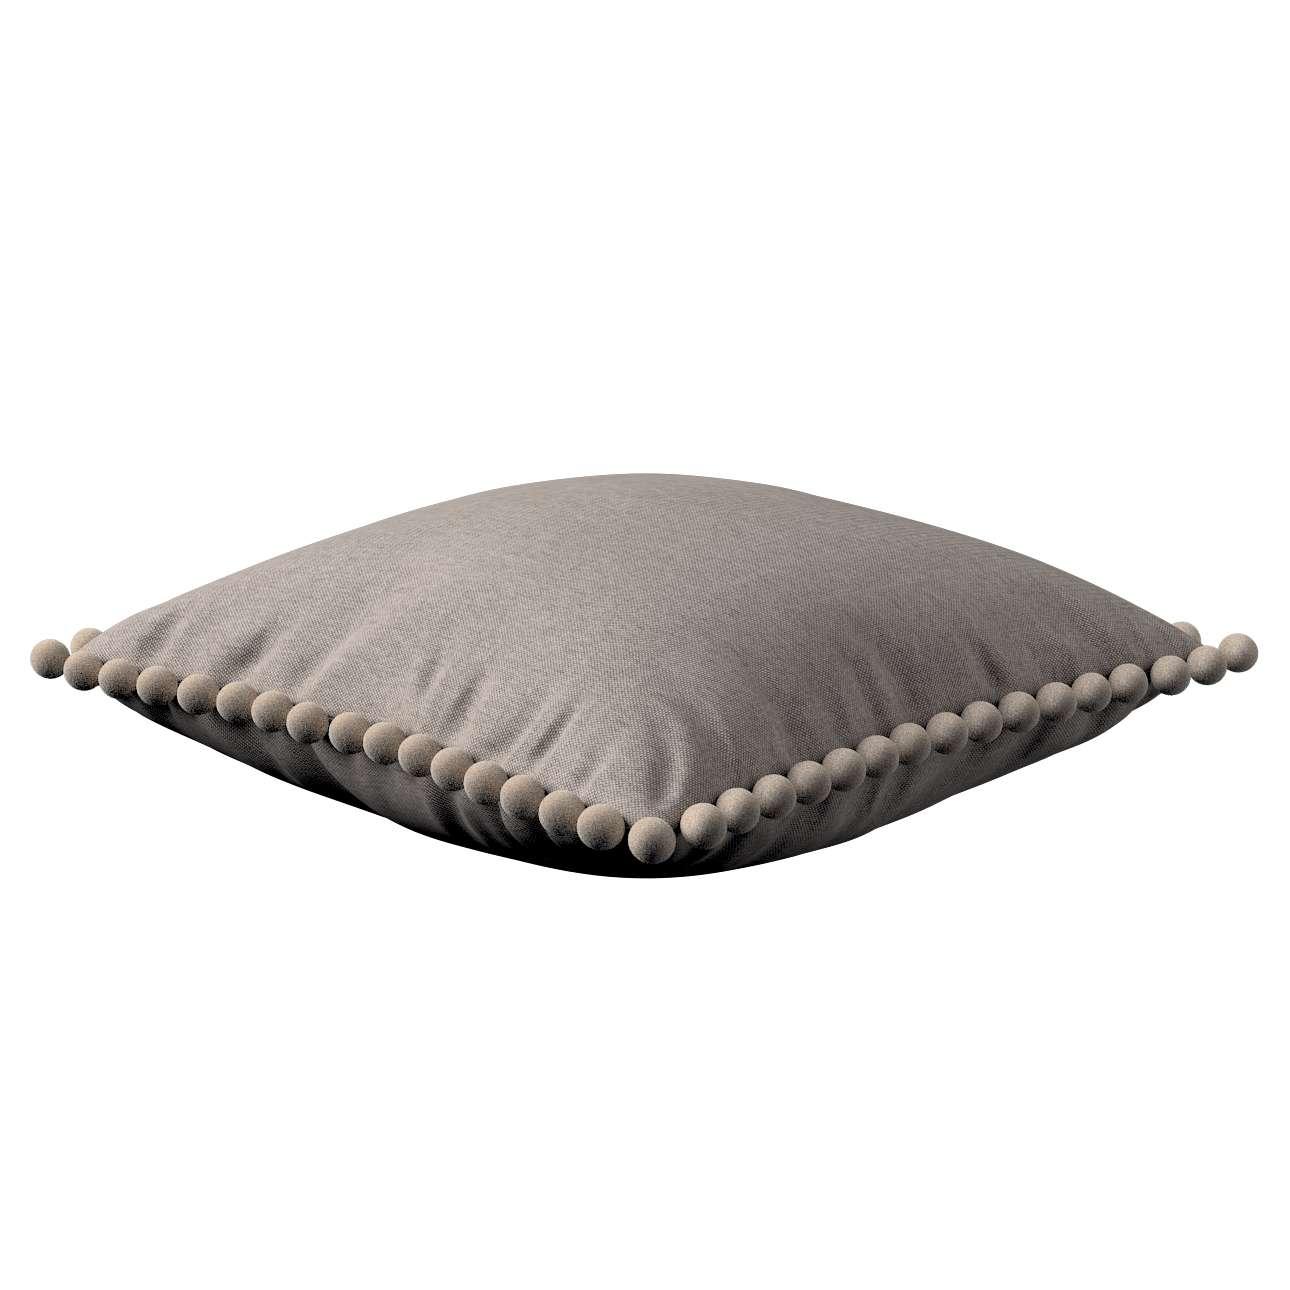 Wera dekoratyvinės pagalvėlės su žaismingais kraštais 45 x 45 cm kolekcijoje Etna , audinys: 705-09